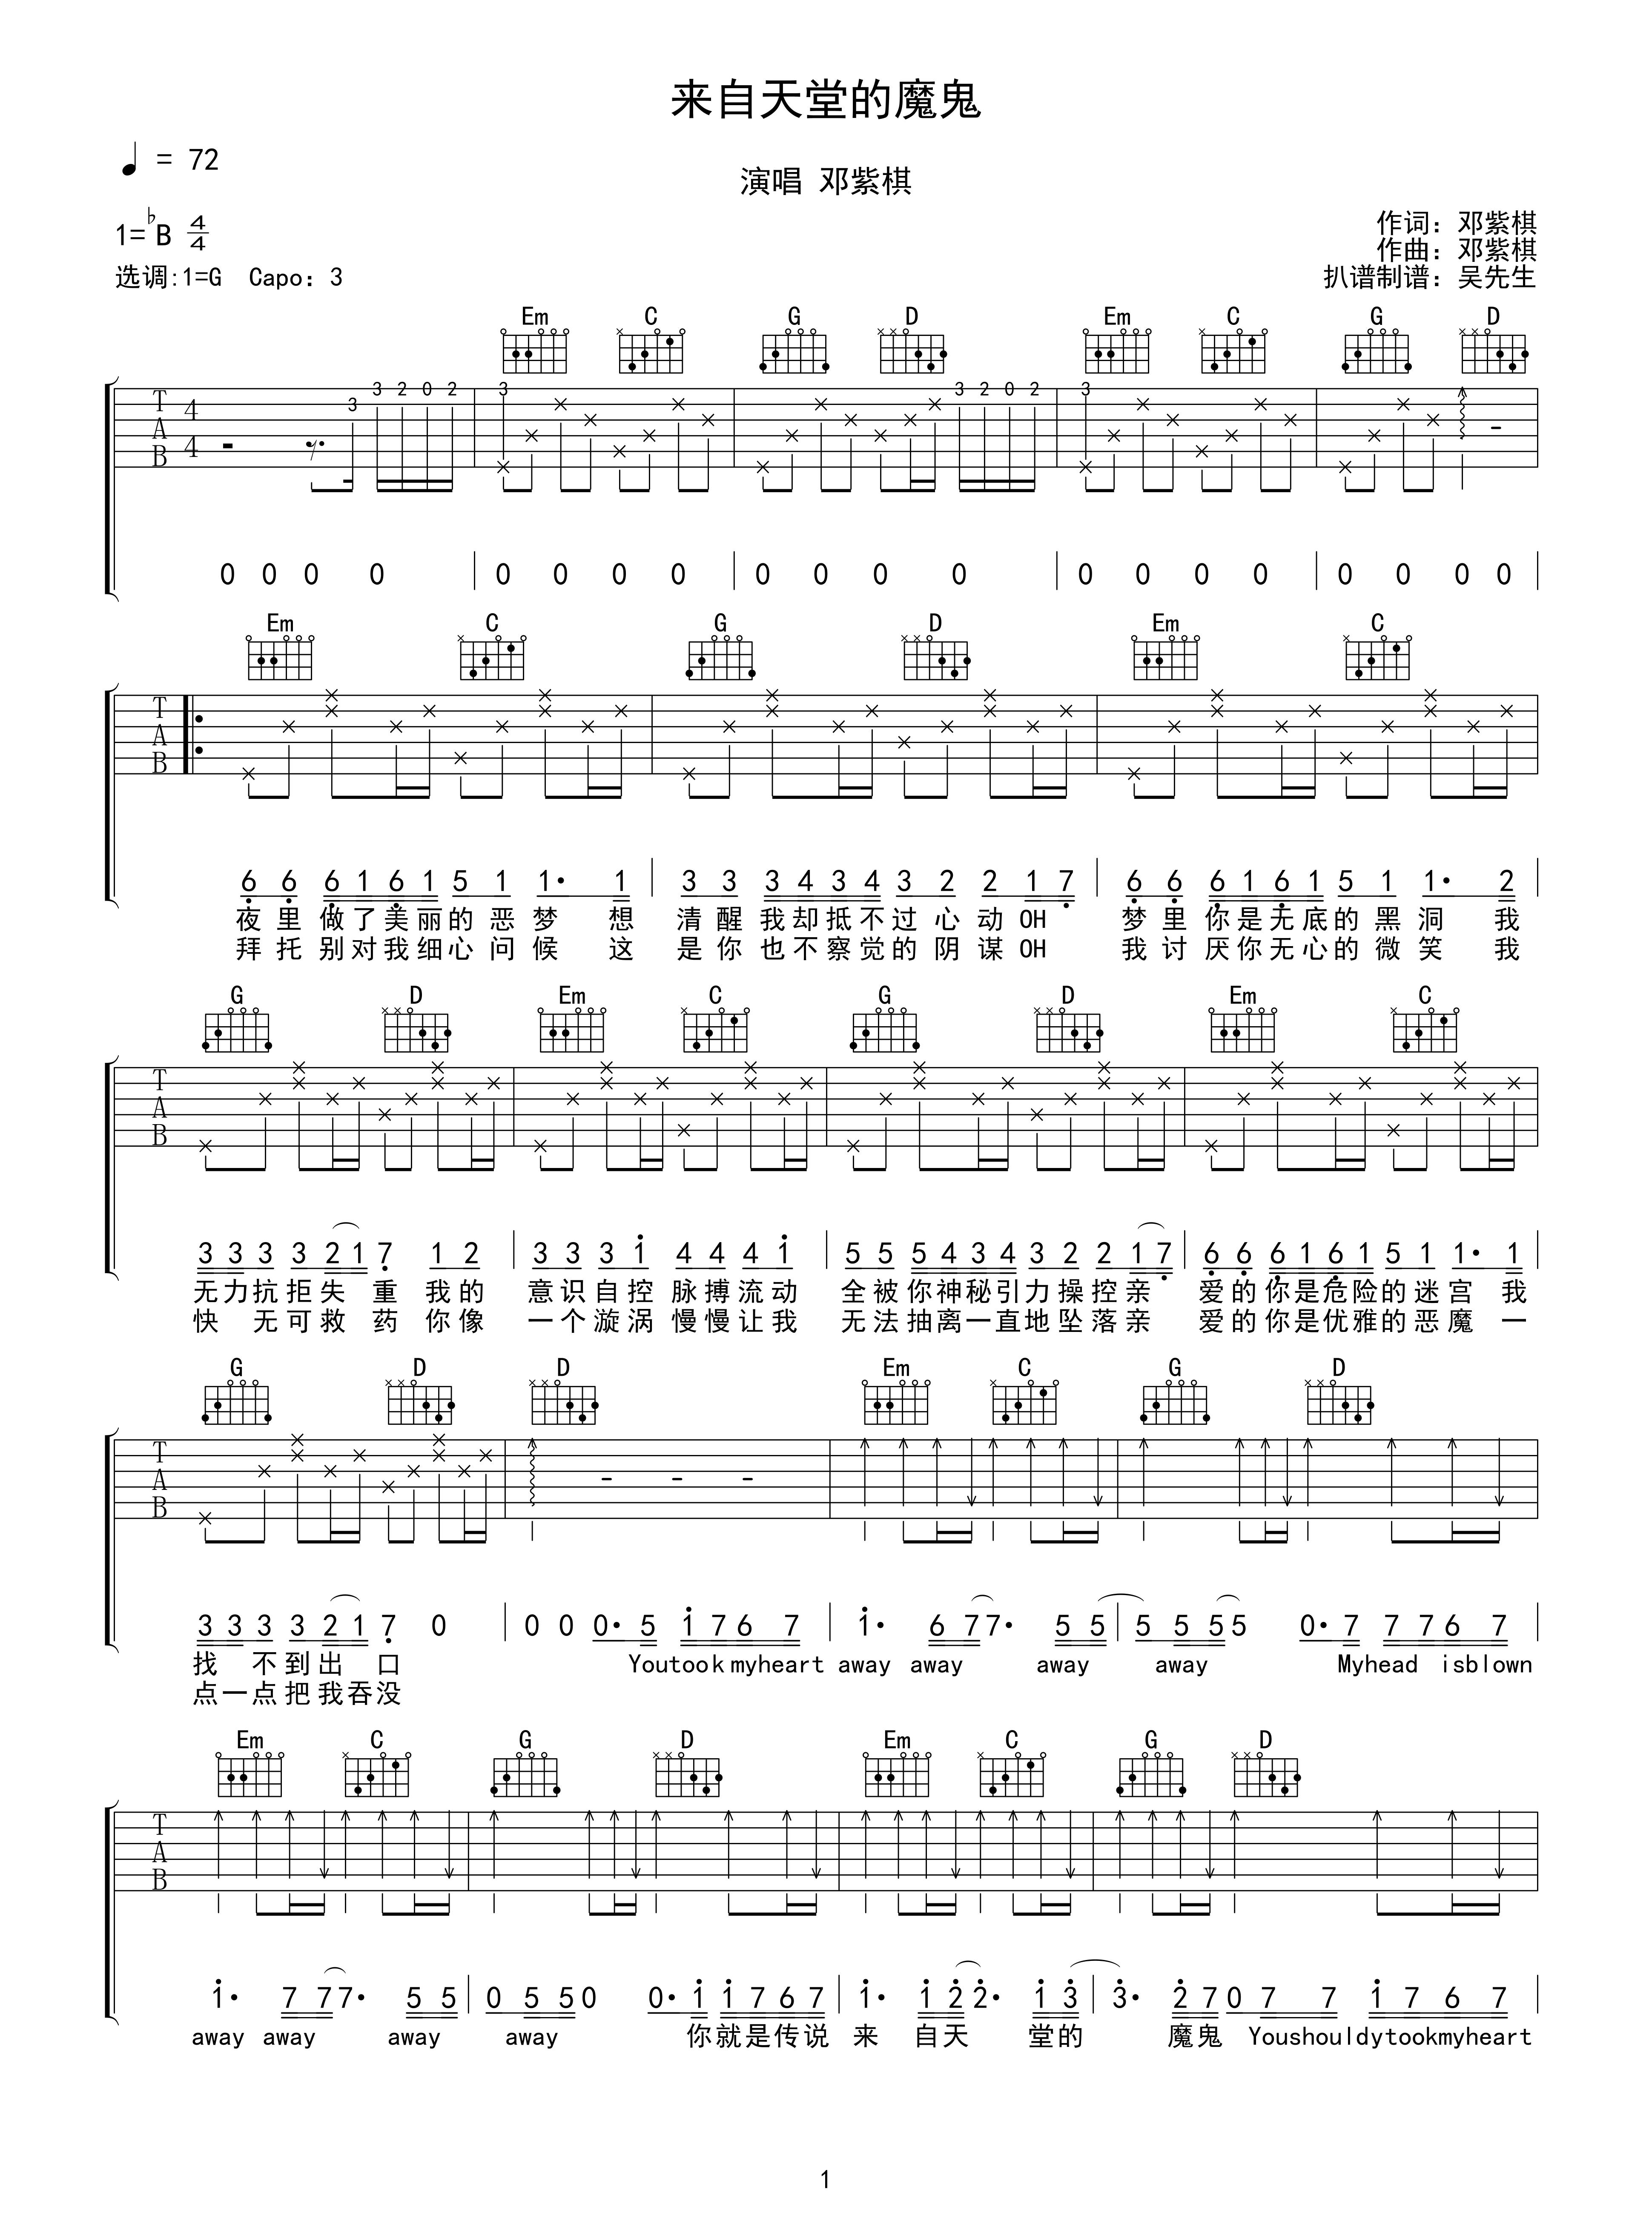 来自天堂的魔鬼吉他谱(图片谱,弹唱)_邓紫棋(G.E.M.;邓紫棋)_来自天堂的魔鬼01.jpg